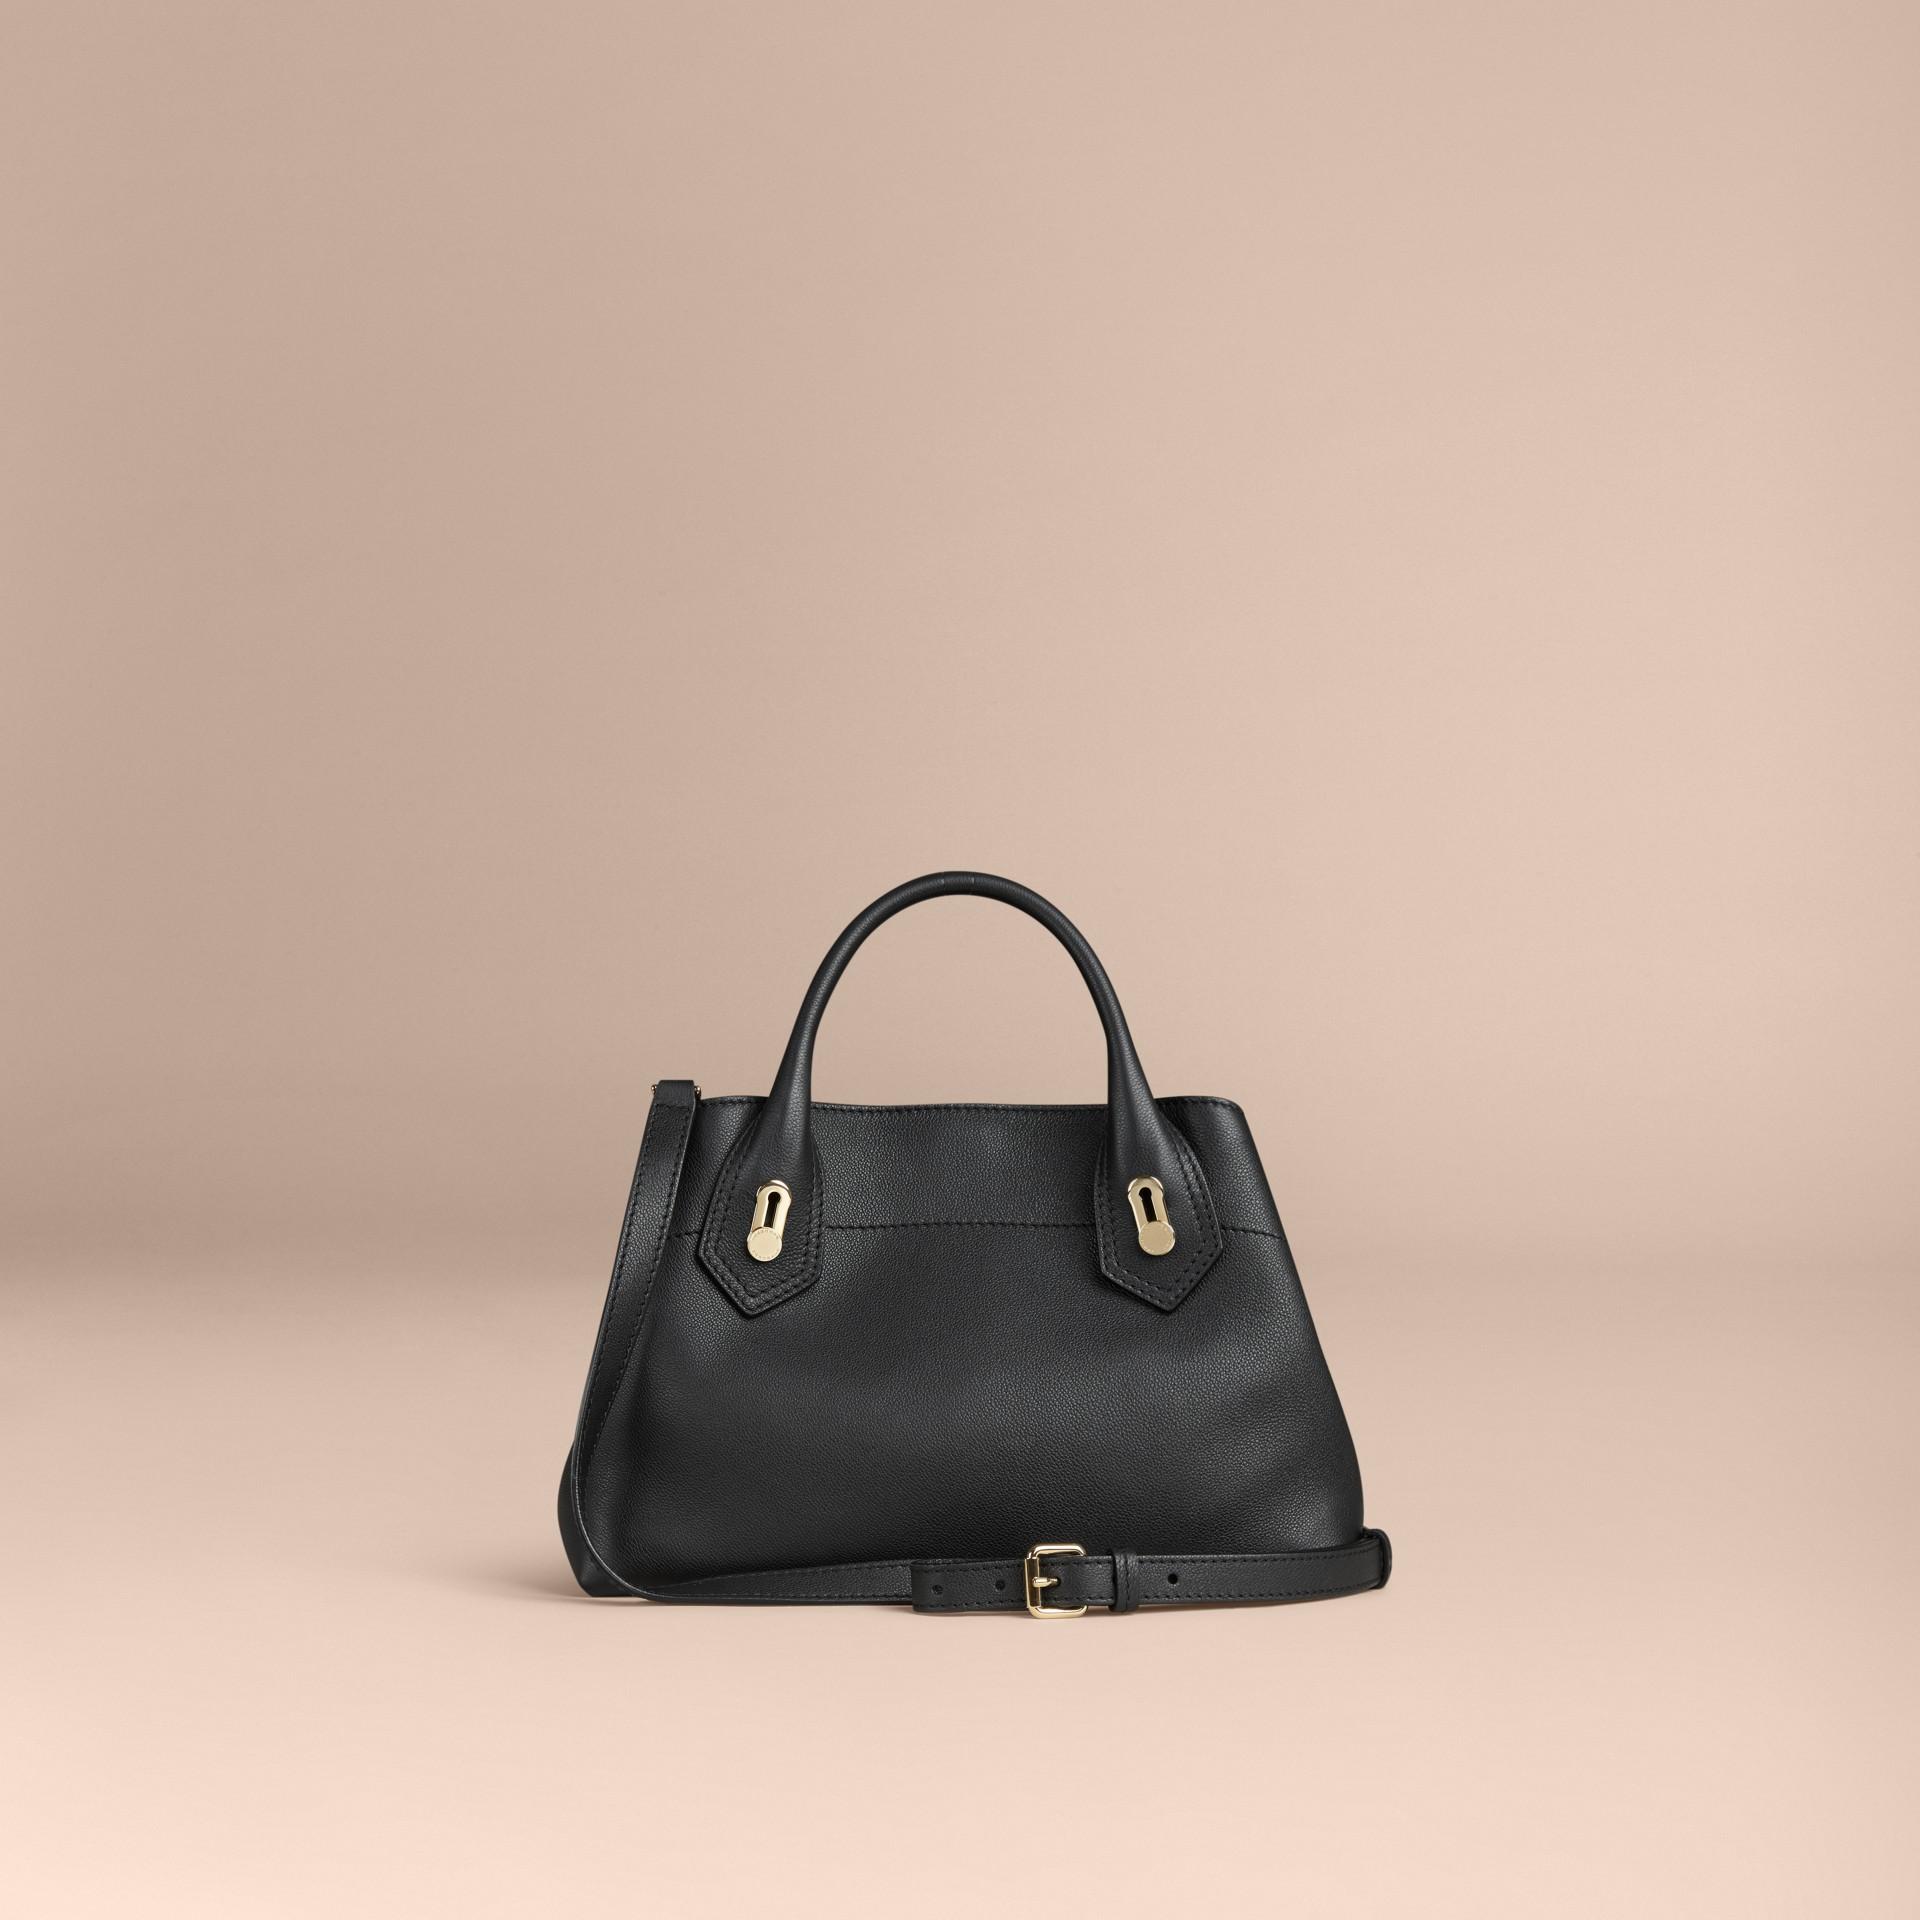 Noir Petit sac The Milton en cuir grené Noir - photo de la galerie 4